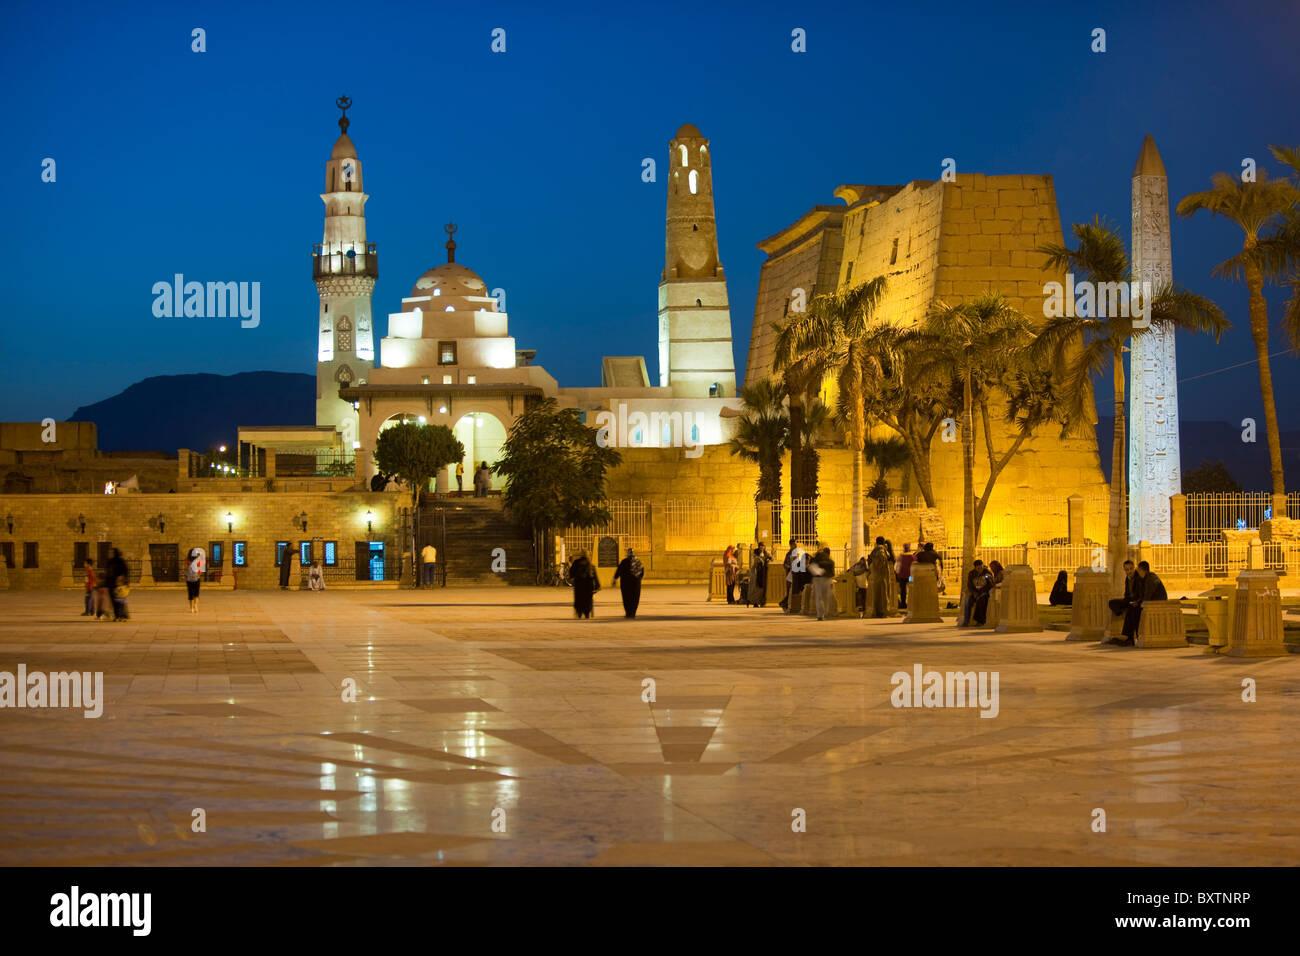 Aegypten, Luxor, Moschee des Heiligen Abu el-Haggag auf dem Gelände des Luxor-Tempels, dahinter Pylon des Luxor Stock Photo